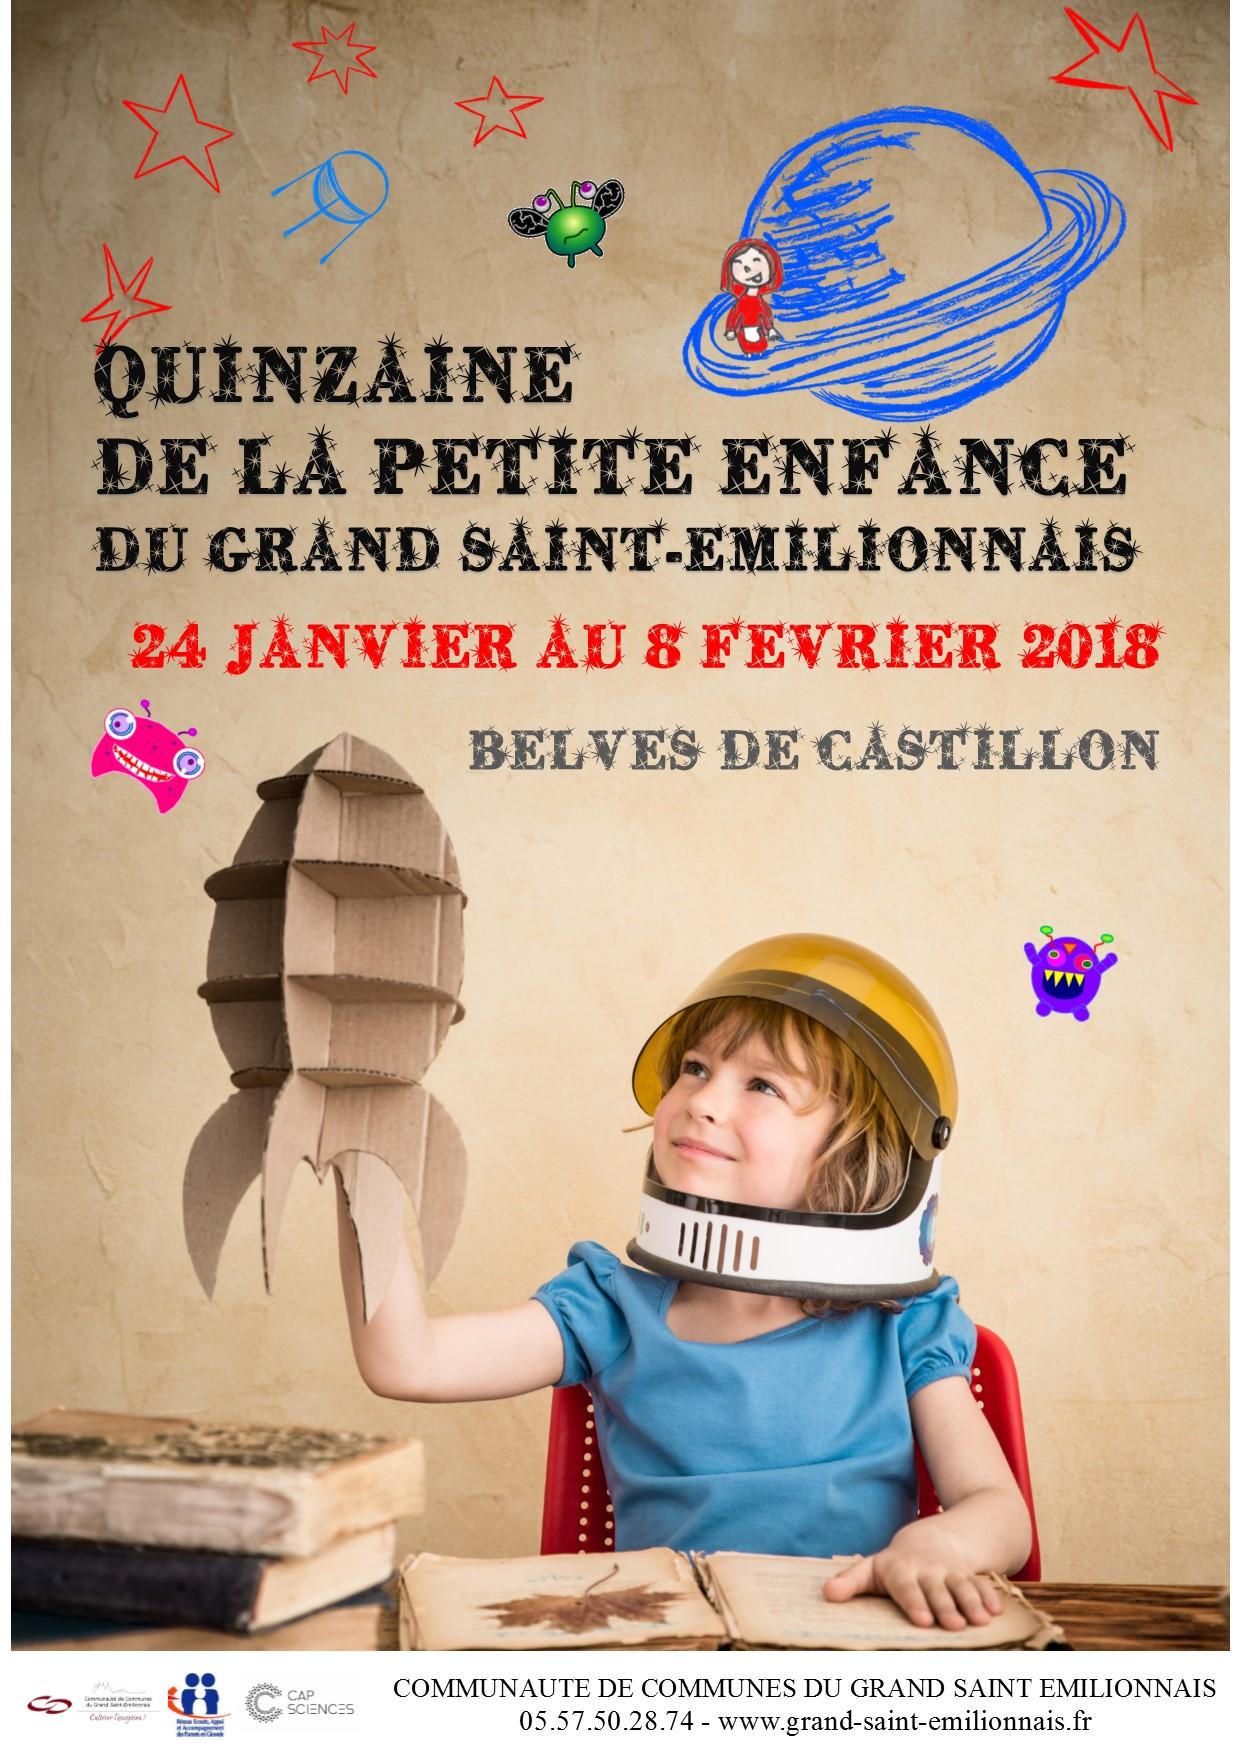 Quinzaine de la petite enfance du 24 janvier au 8 février 2018